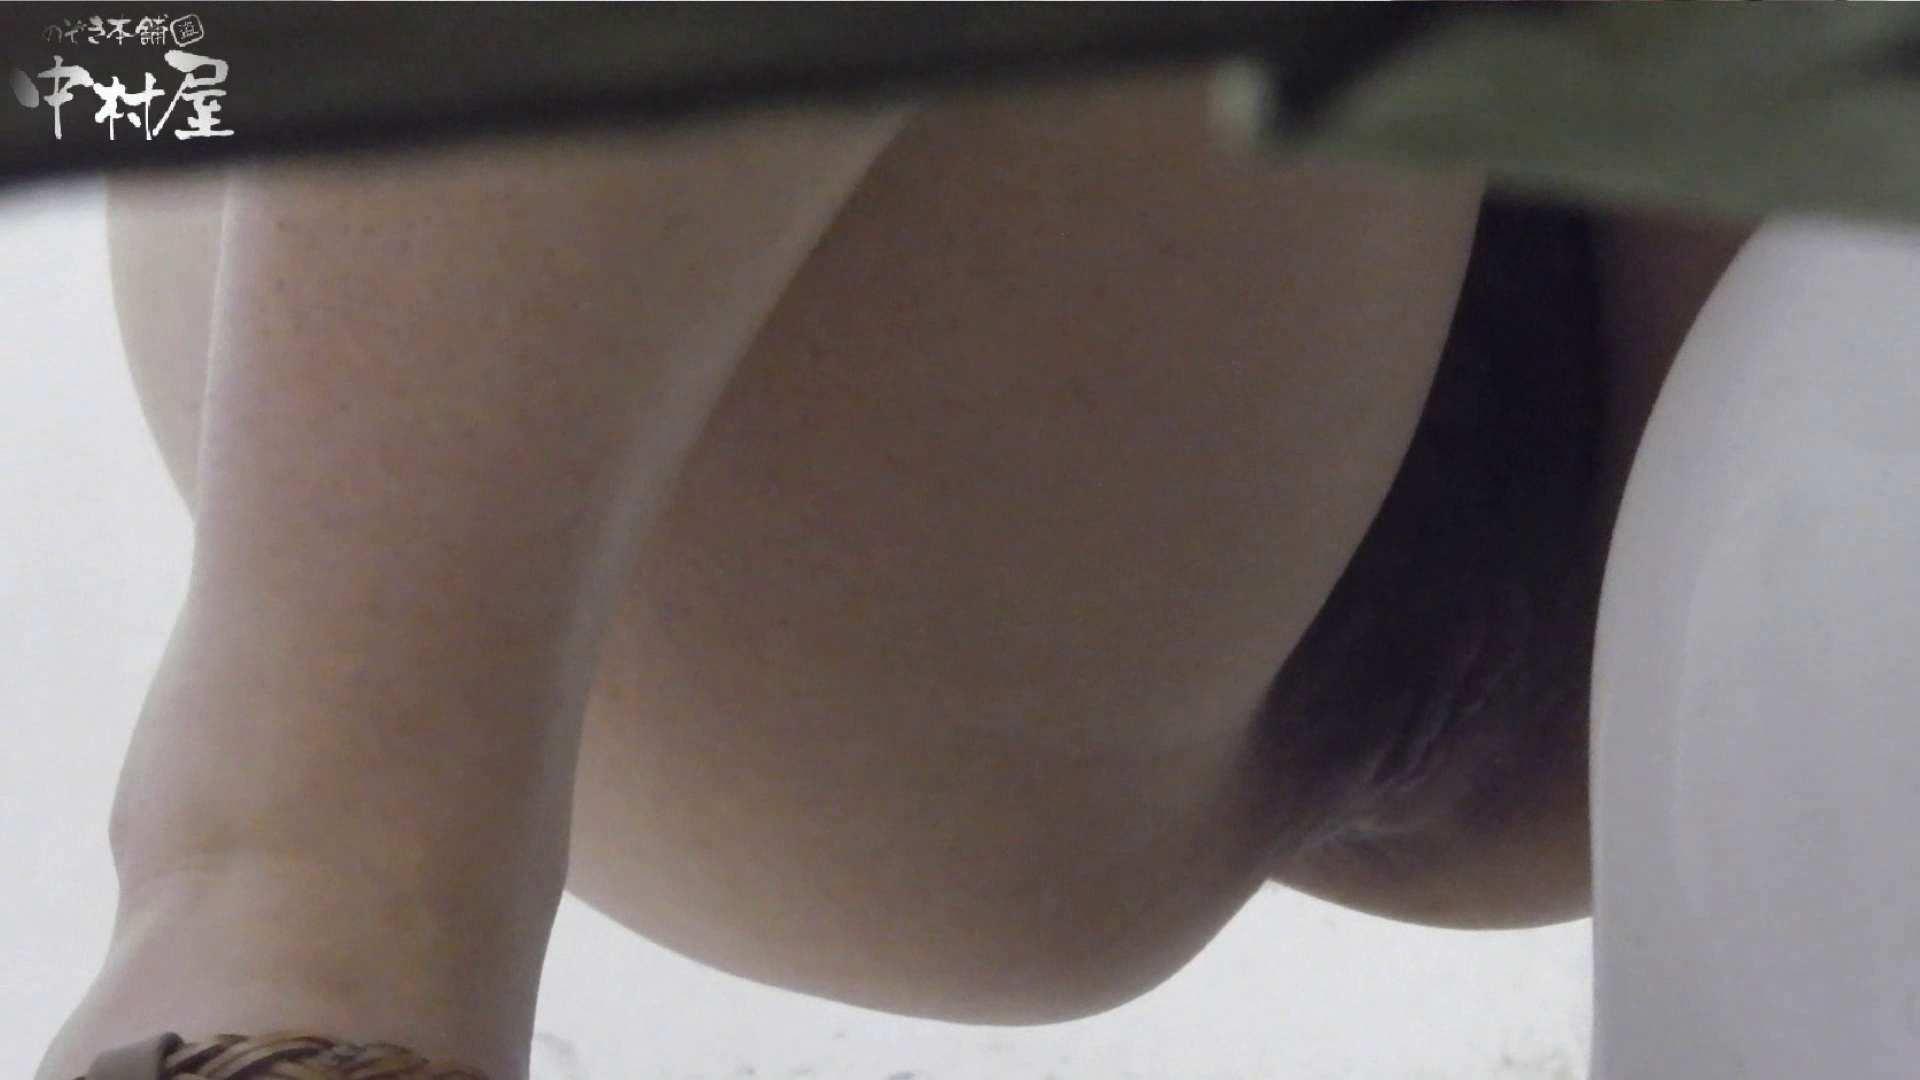 vol.37 命がけ潜伏洗面所! 剛毛モリモリ 後編 潜入突撃 盗撮動画紹介 98pic 83